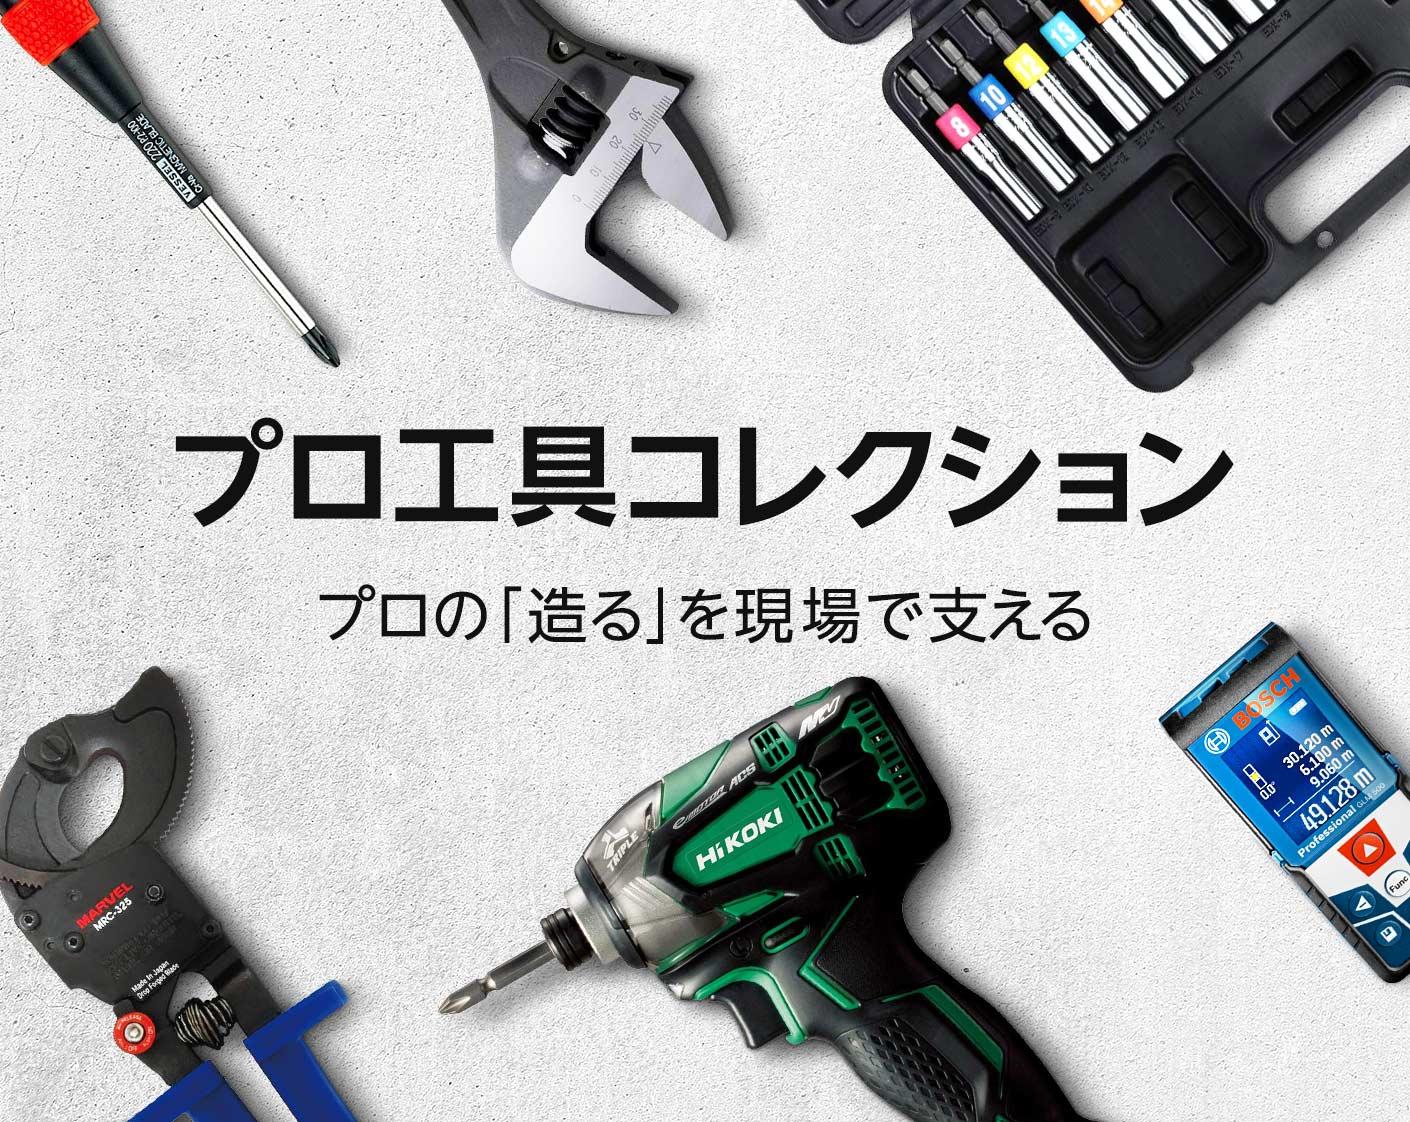 「プロ工具コレクション」